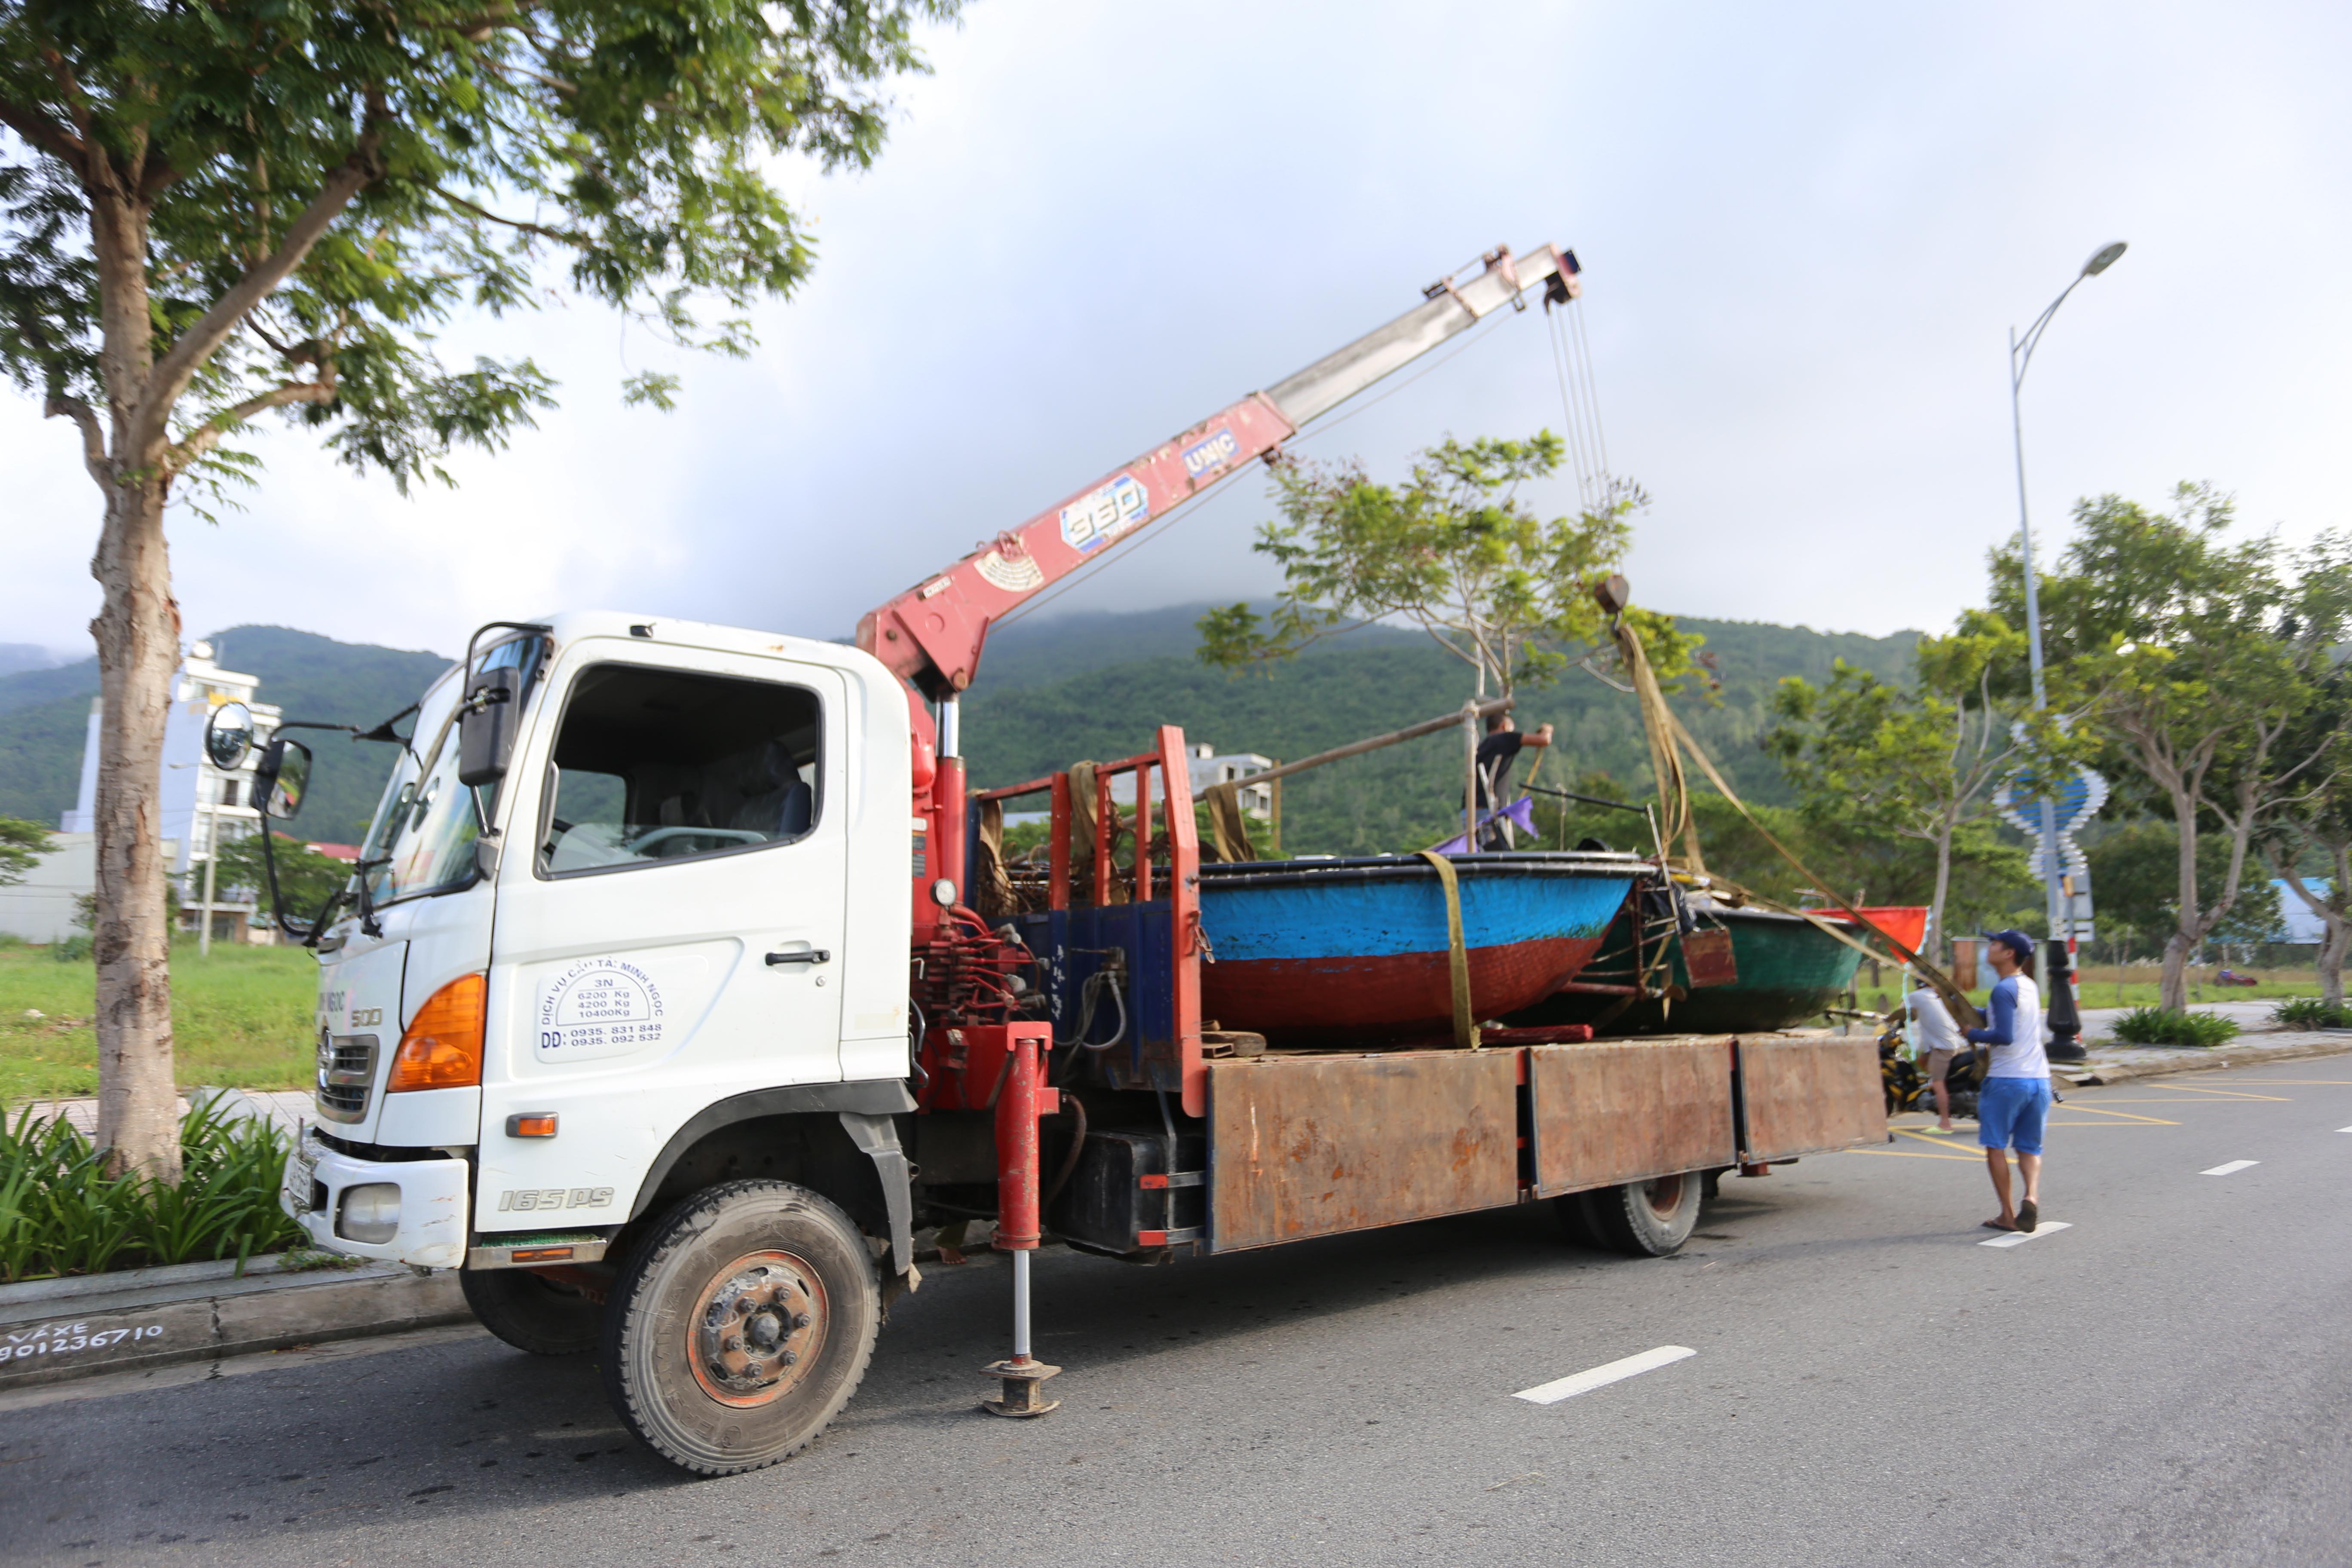 [Ảnh] Xe tải cẩu chở thuyền đến nơi an toàn, công an, bộ đội giúp người Đà Nẵng chằng chống nhà cửa đón bão số 9 - Ảnh 4.